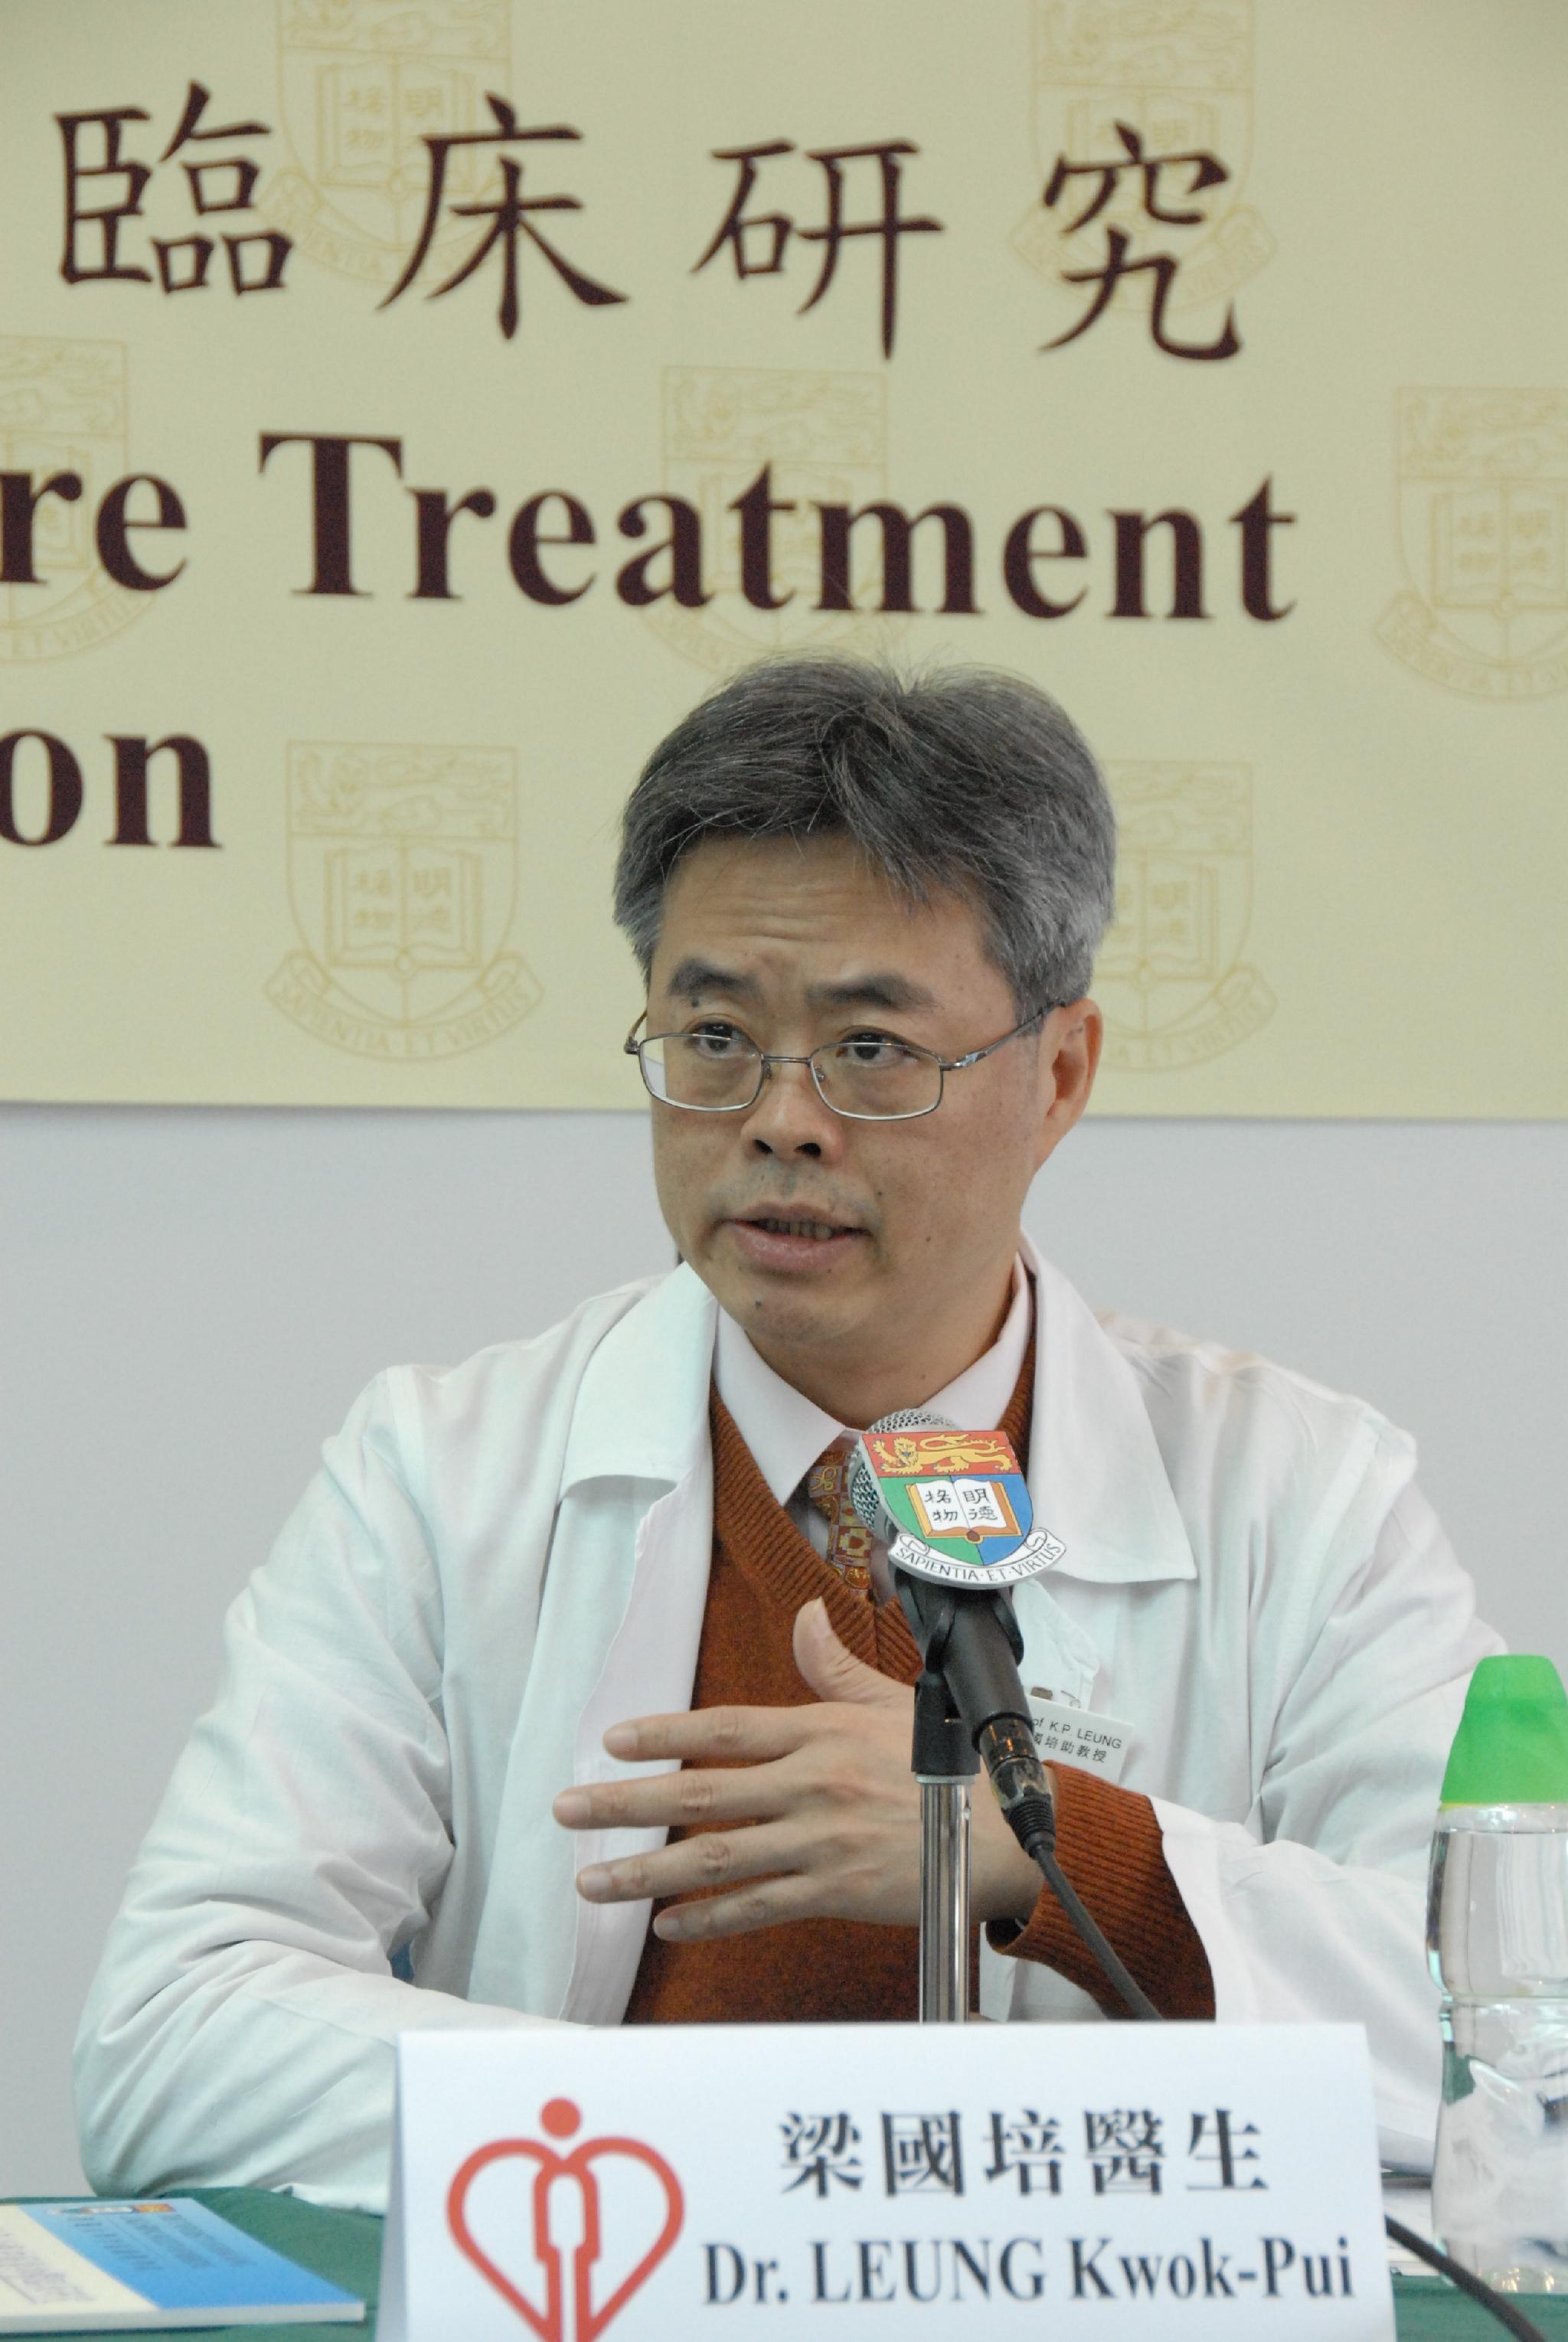 港大針灸治療中風後抑鬱臨床研究 - 所有新聞 - 傳媒 - 香港大學